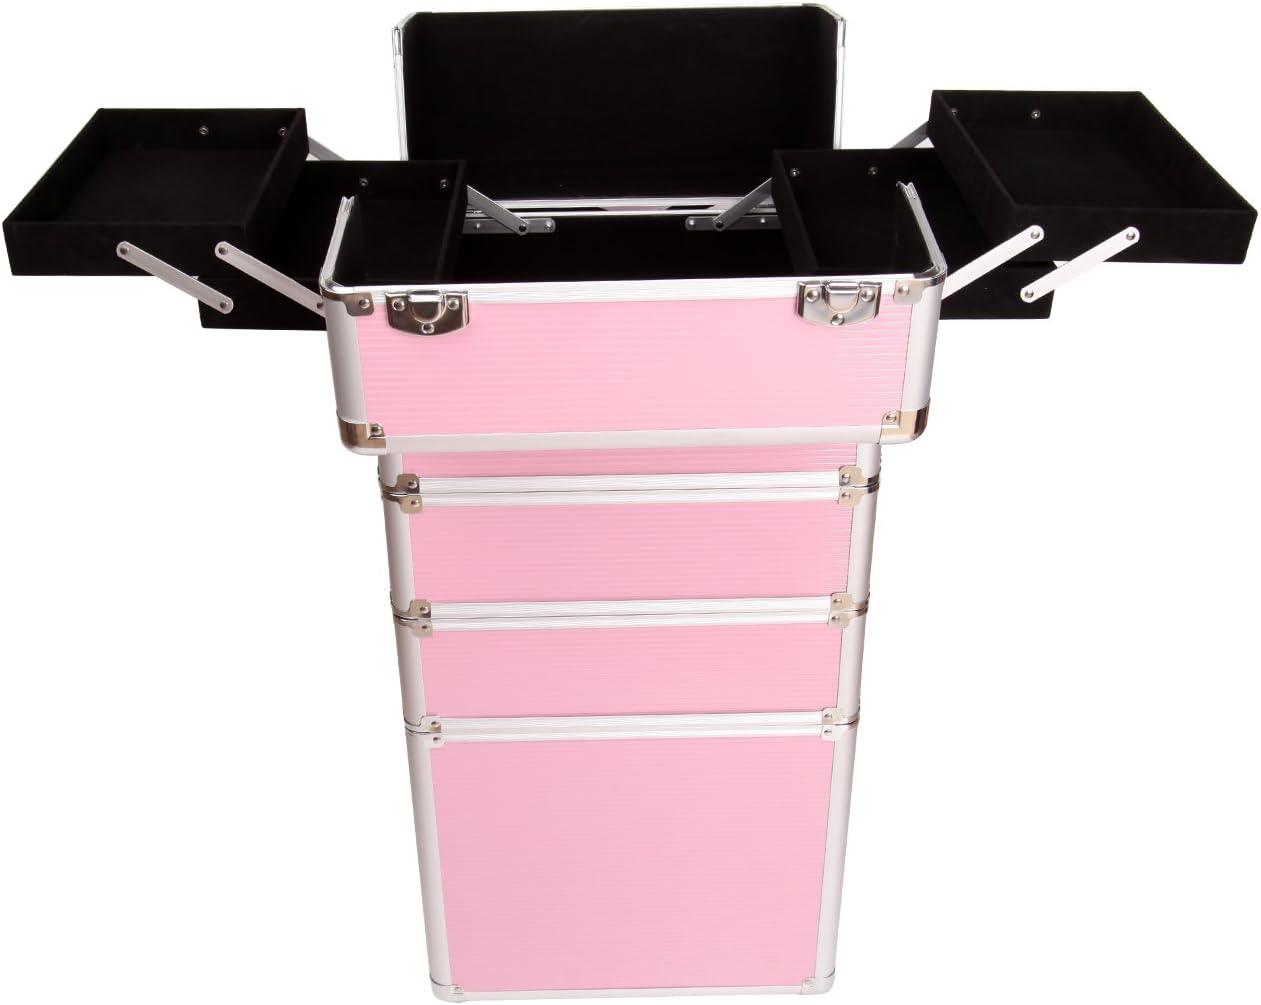 Paneltech 4 en 1 grand maquillage Beauty Rolling Case Organiseur Cosm/étiques Coiffeuse Box de rangement verrouillable Professional Professional Travel Trolley argent